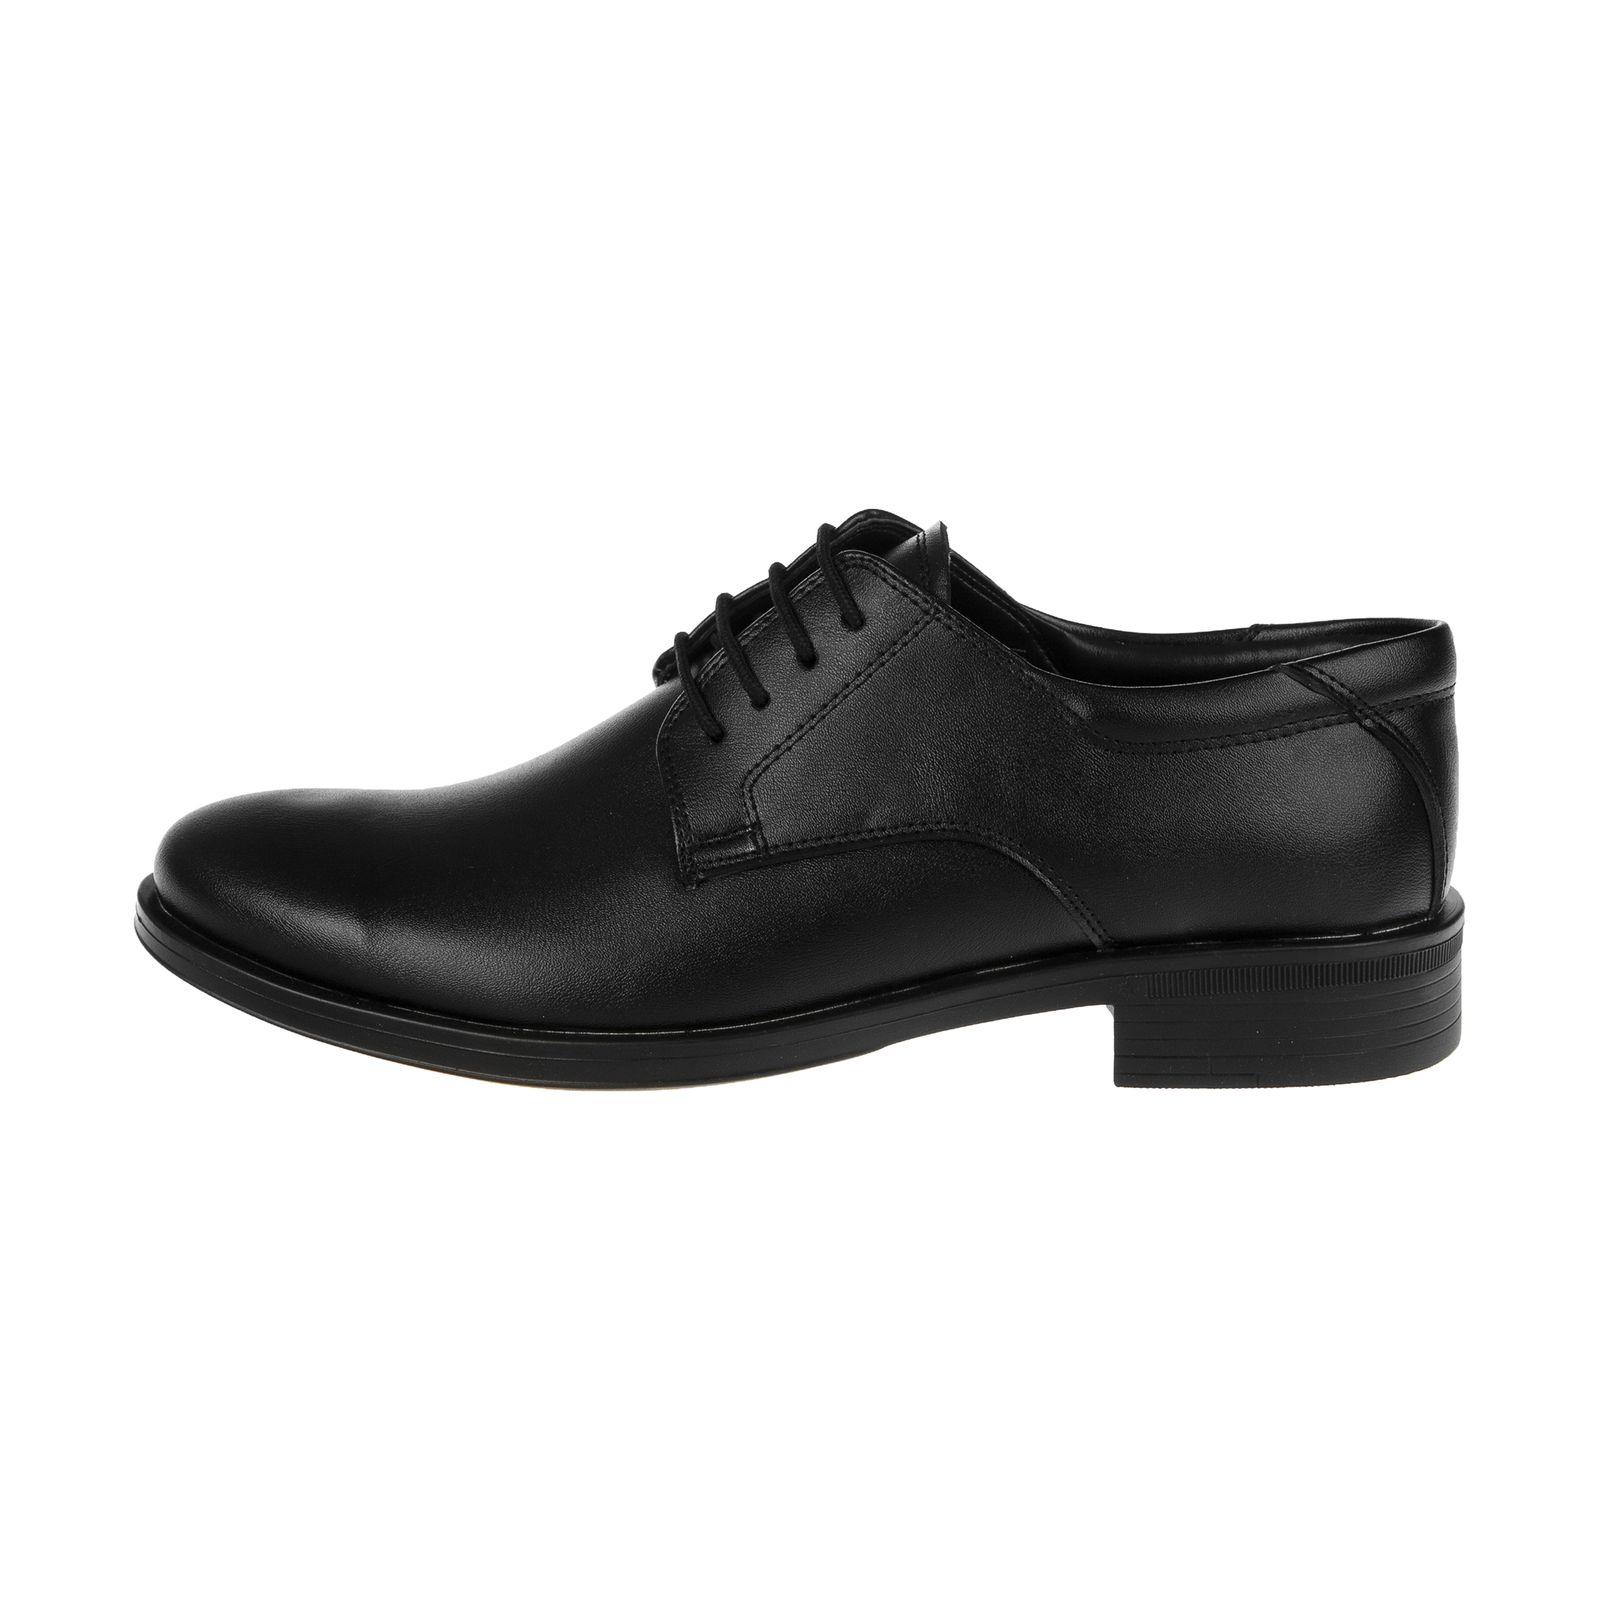 کفش مردانه اسپرت من مدل r615-1 -  - 1